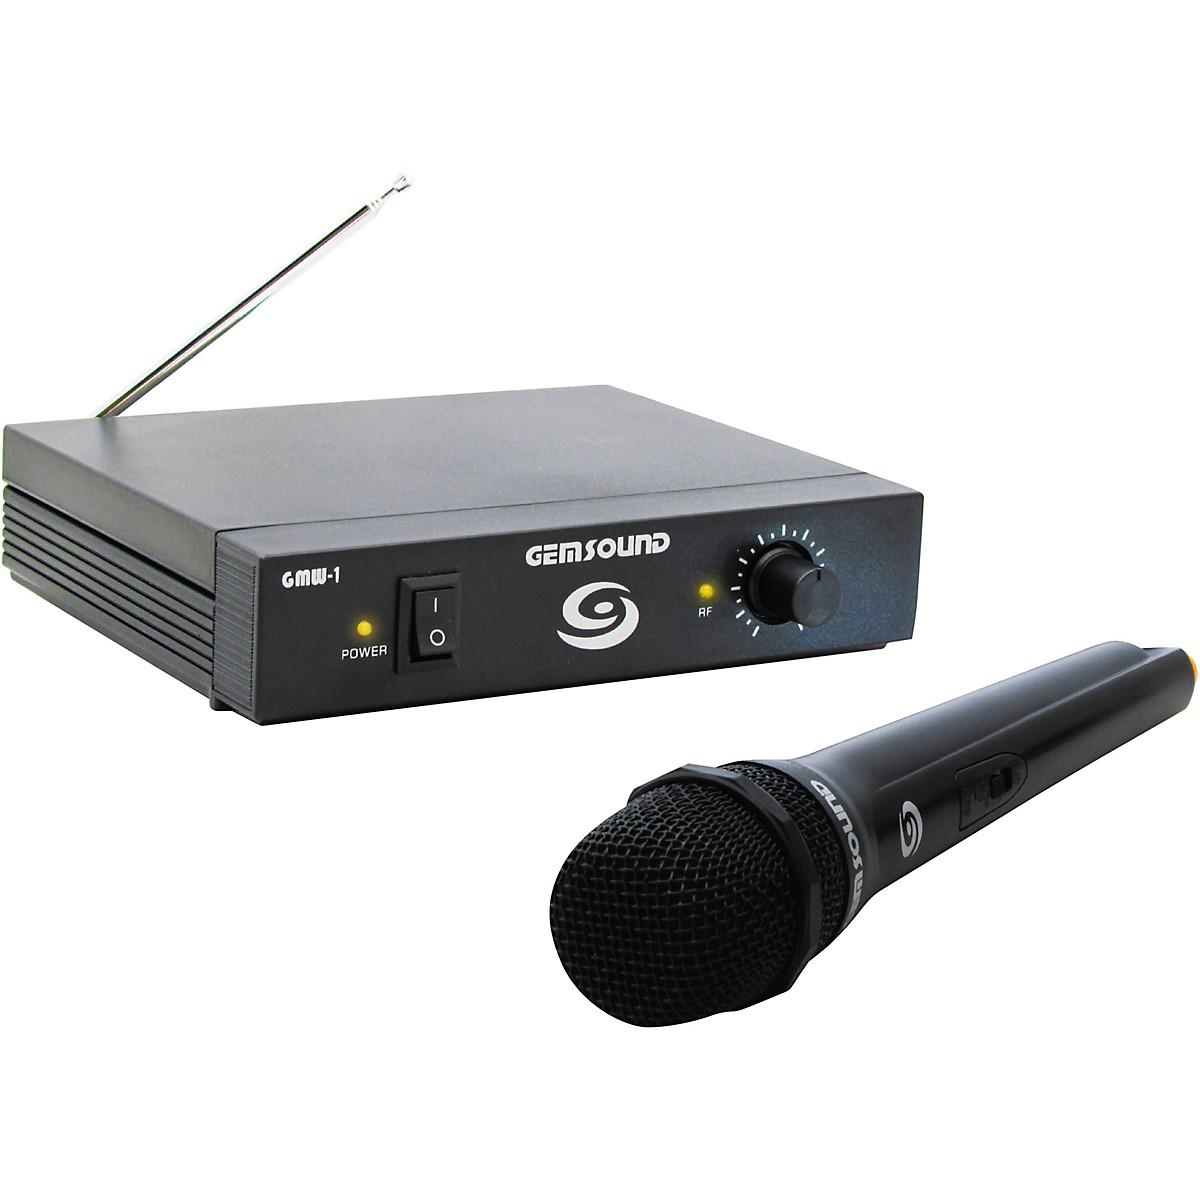 Gem Sound GMW-1 Single-Channel Wireless Mic System